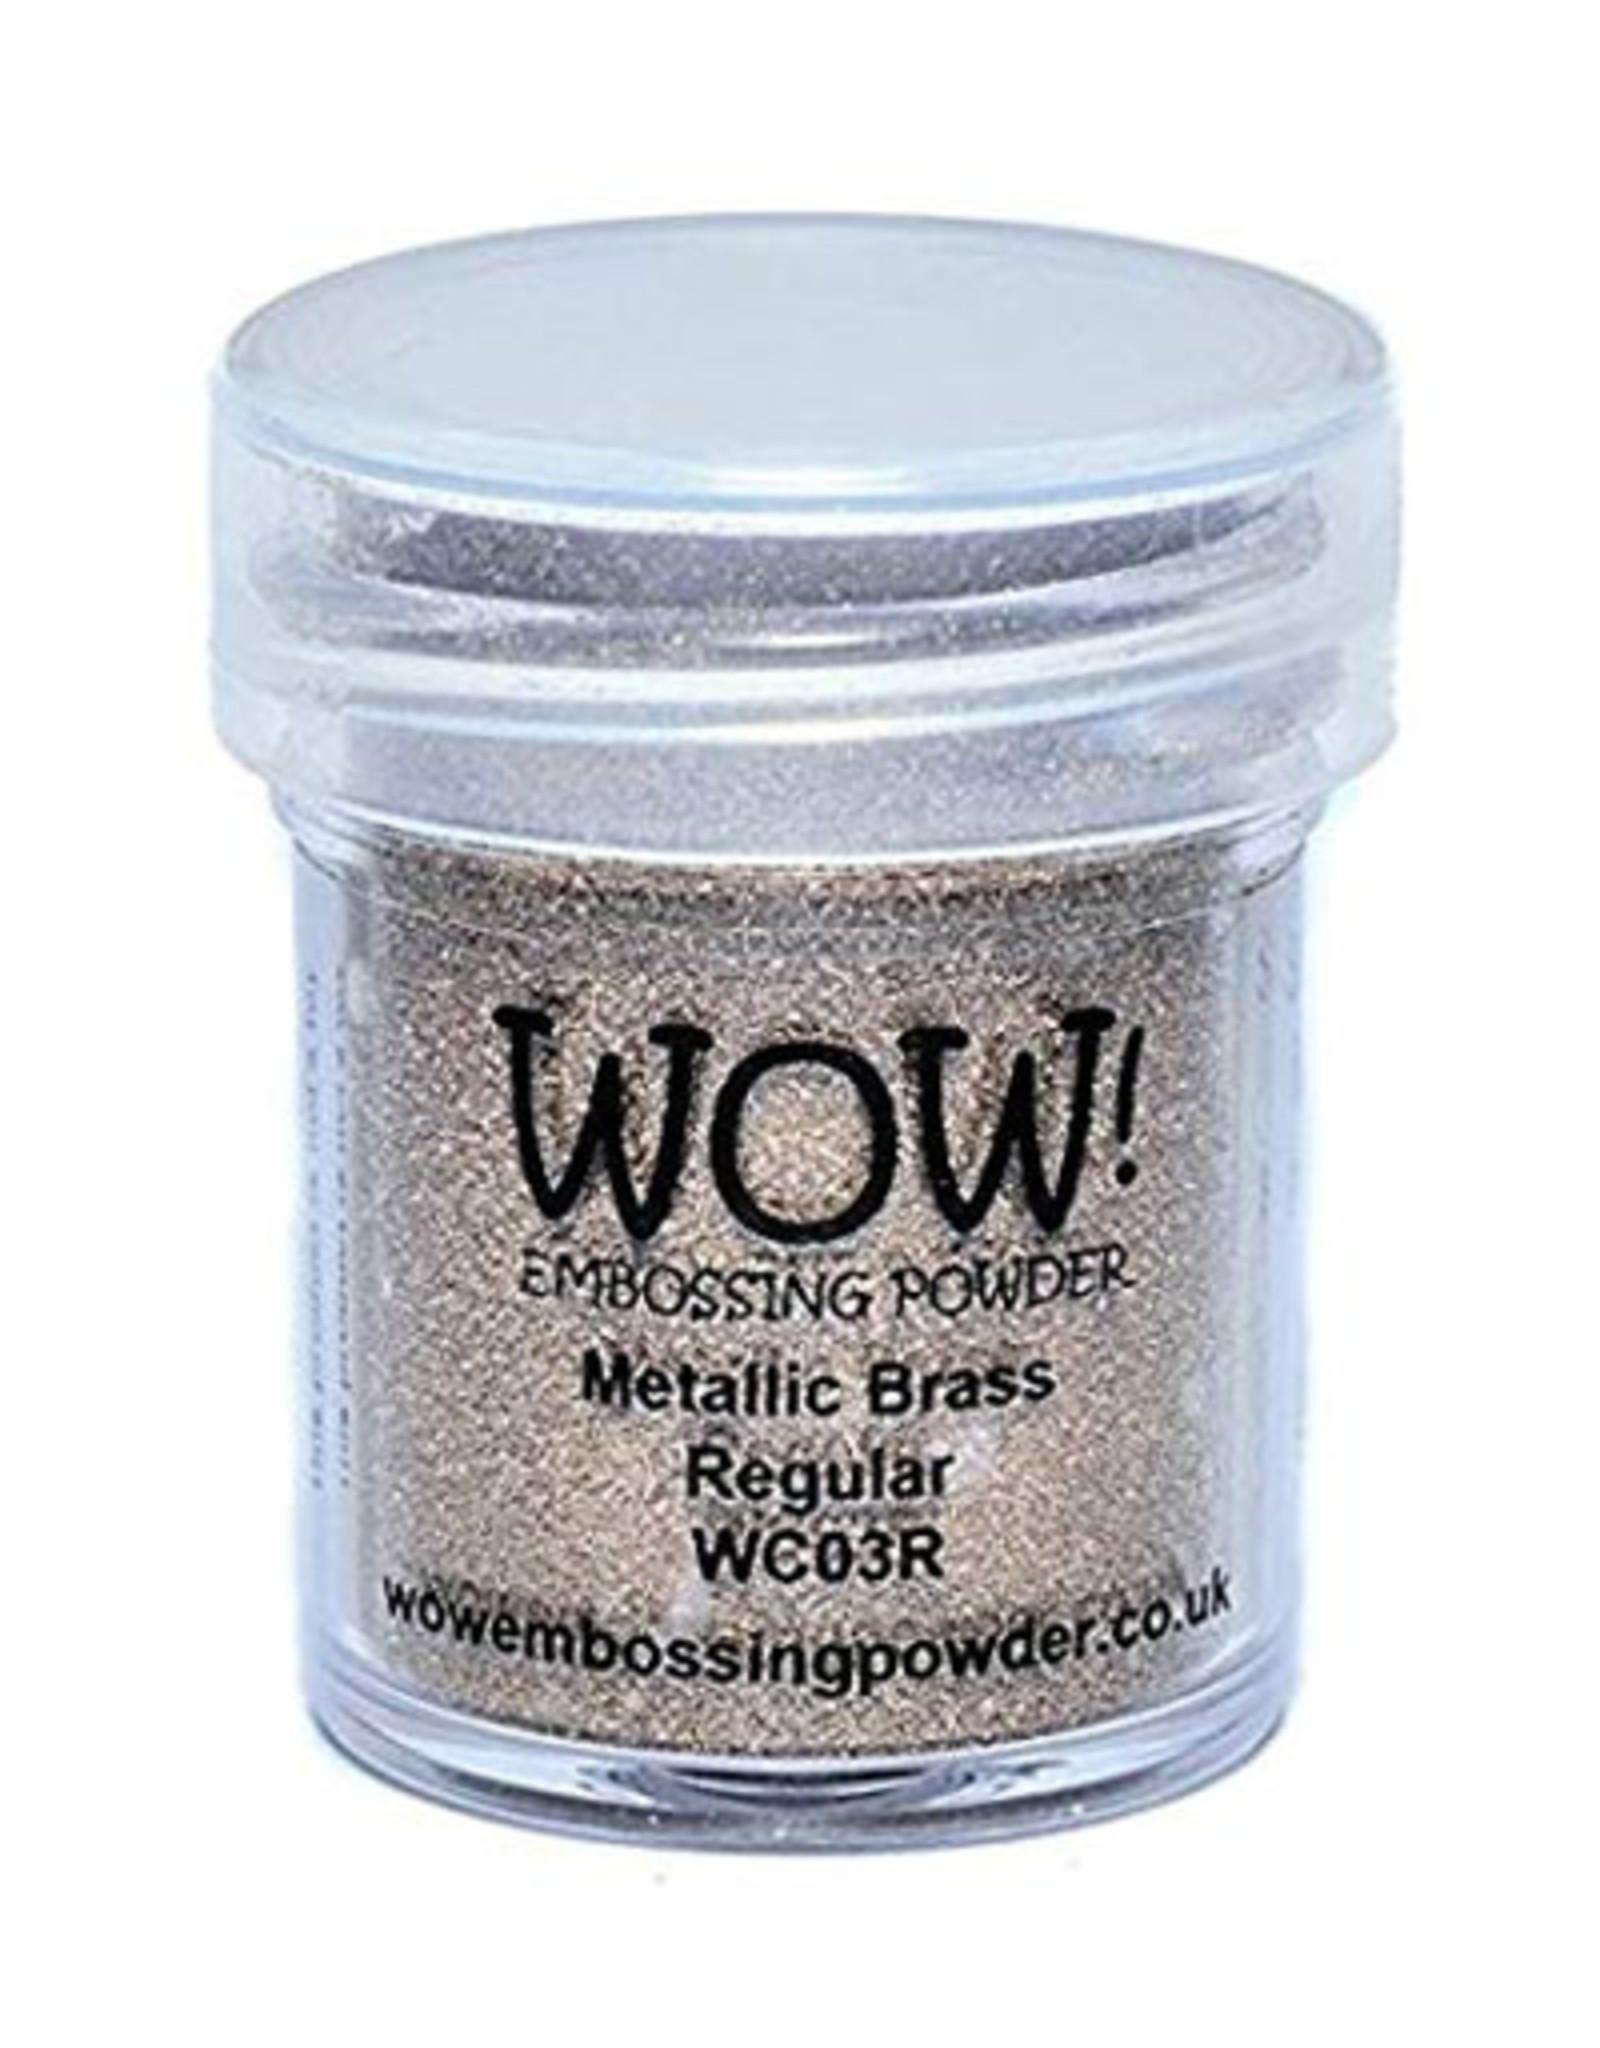 Wow Wow! Metallic Colours Brass (goud)  regular 15 ml